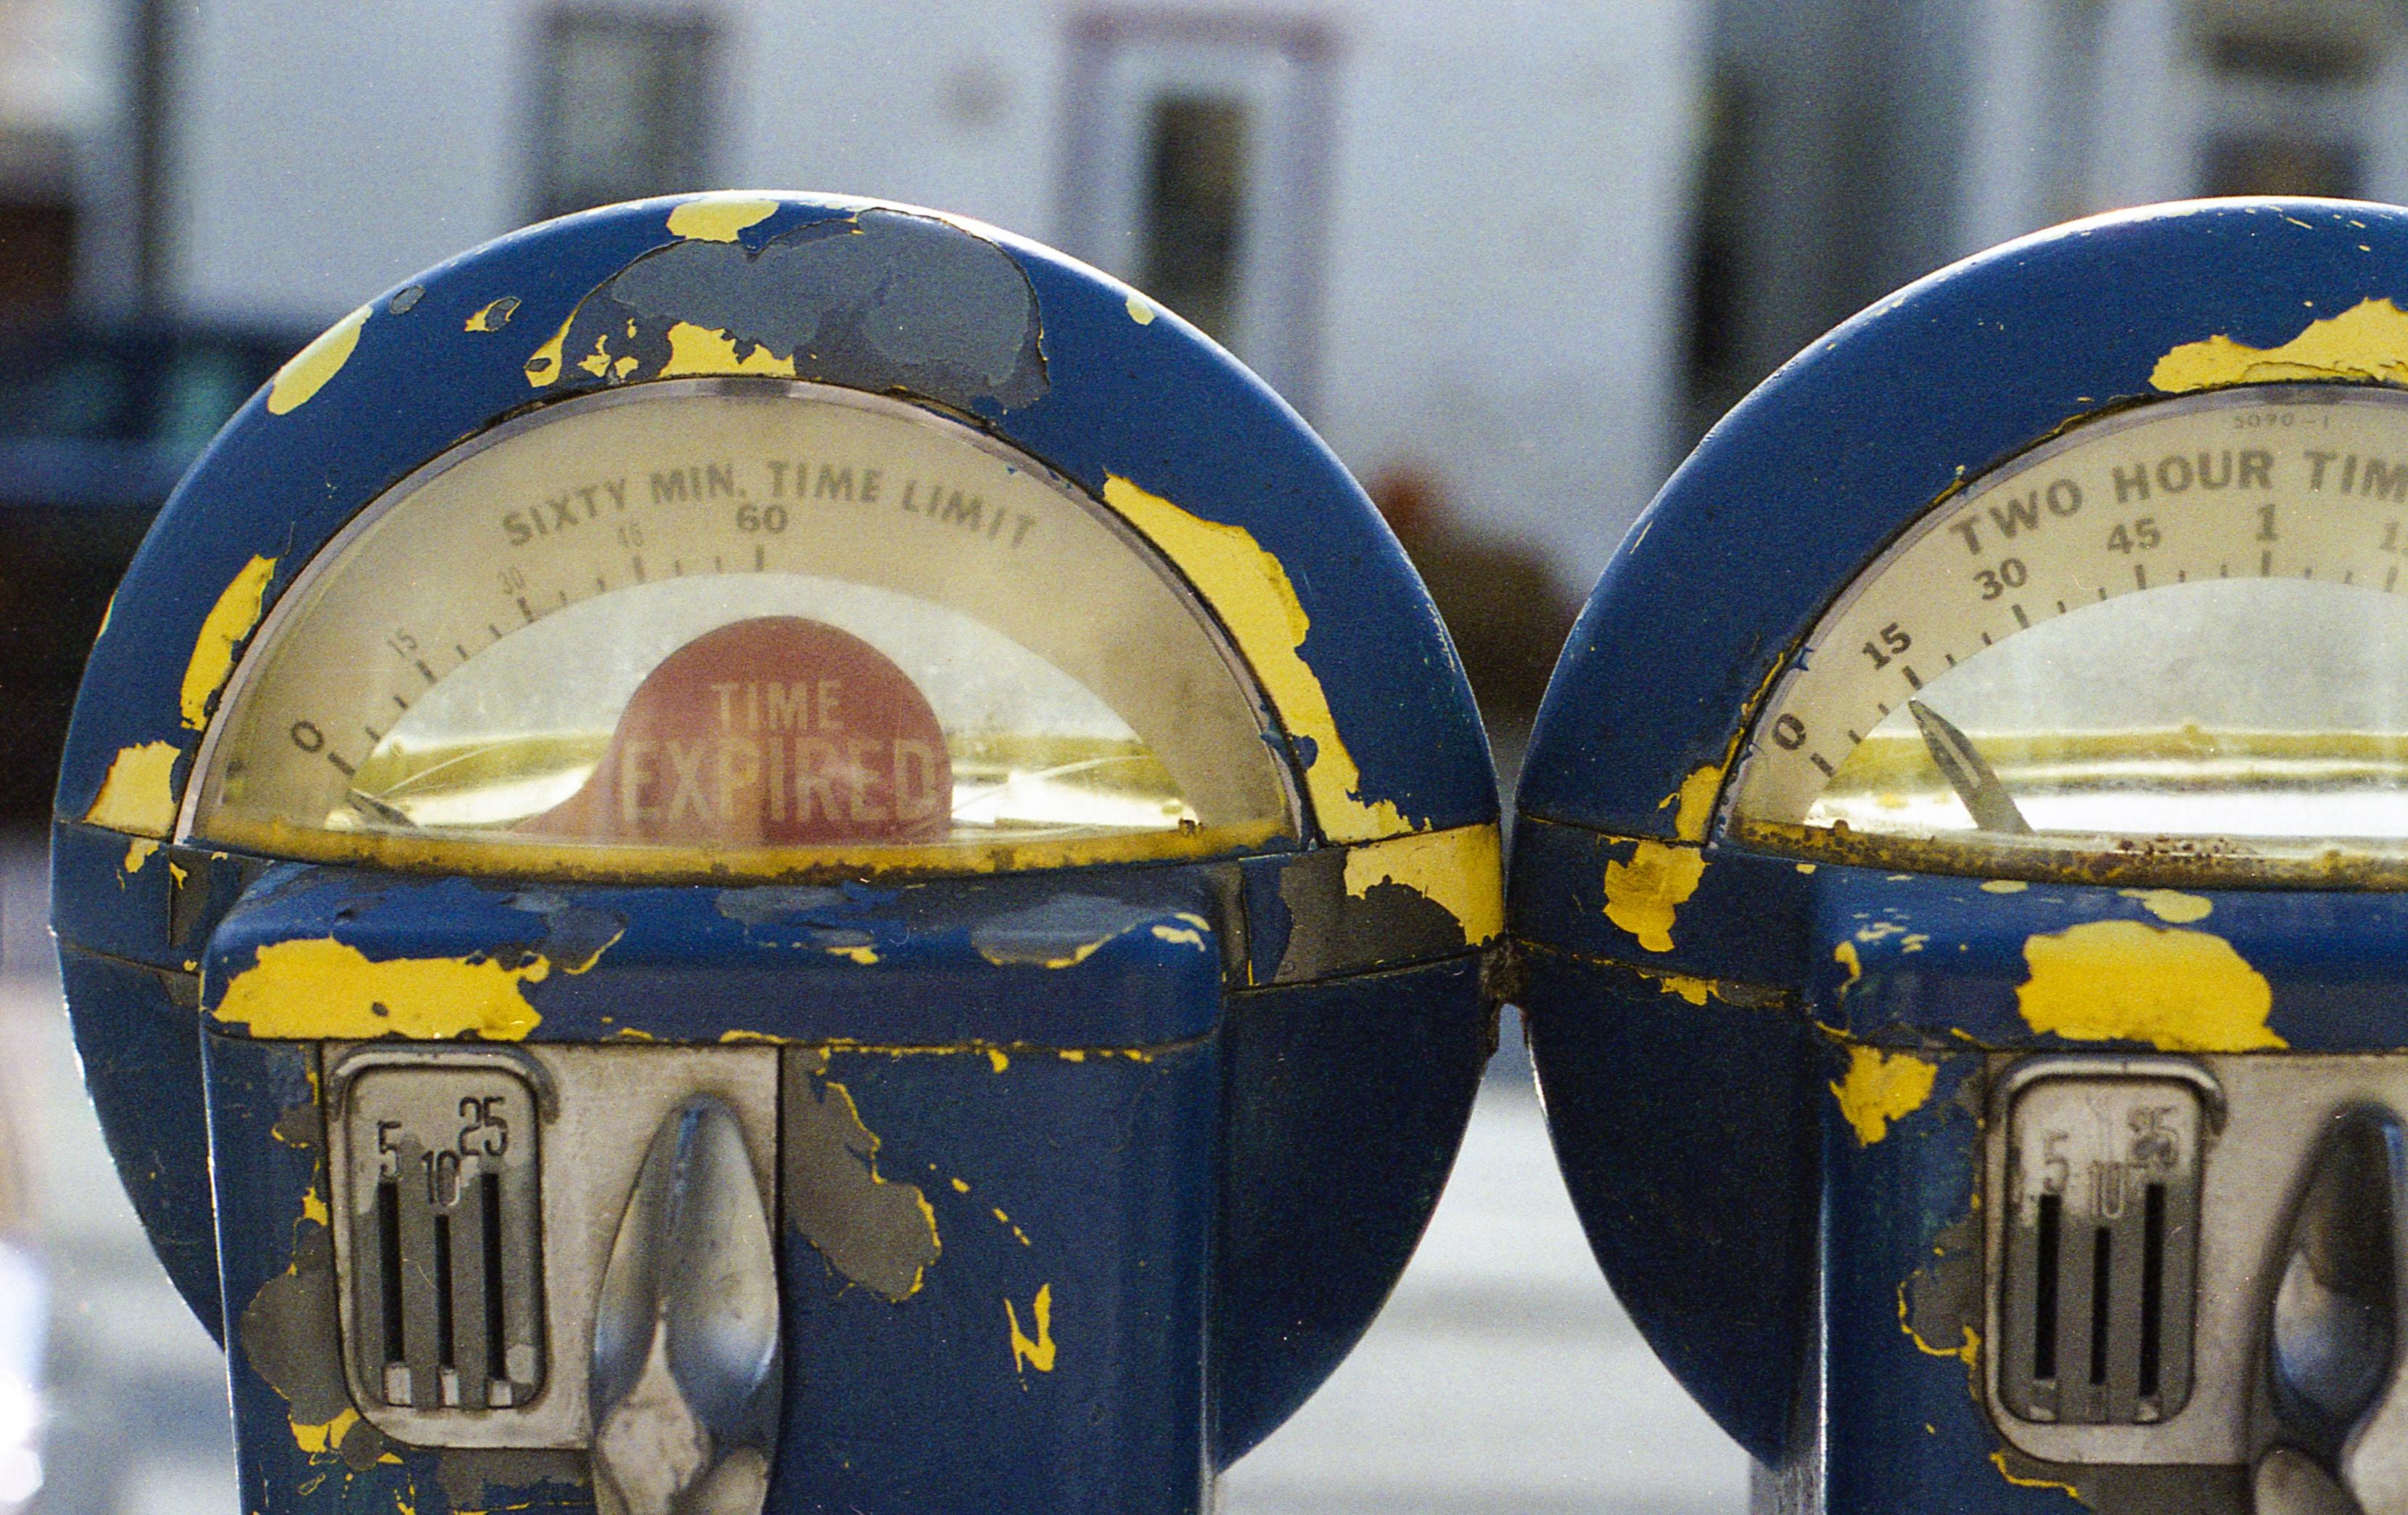 Parking meters representing tdm measures in Seattle